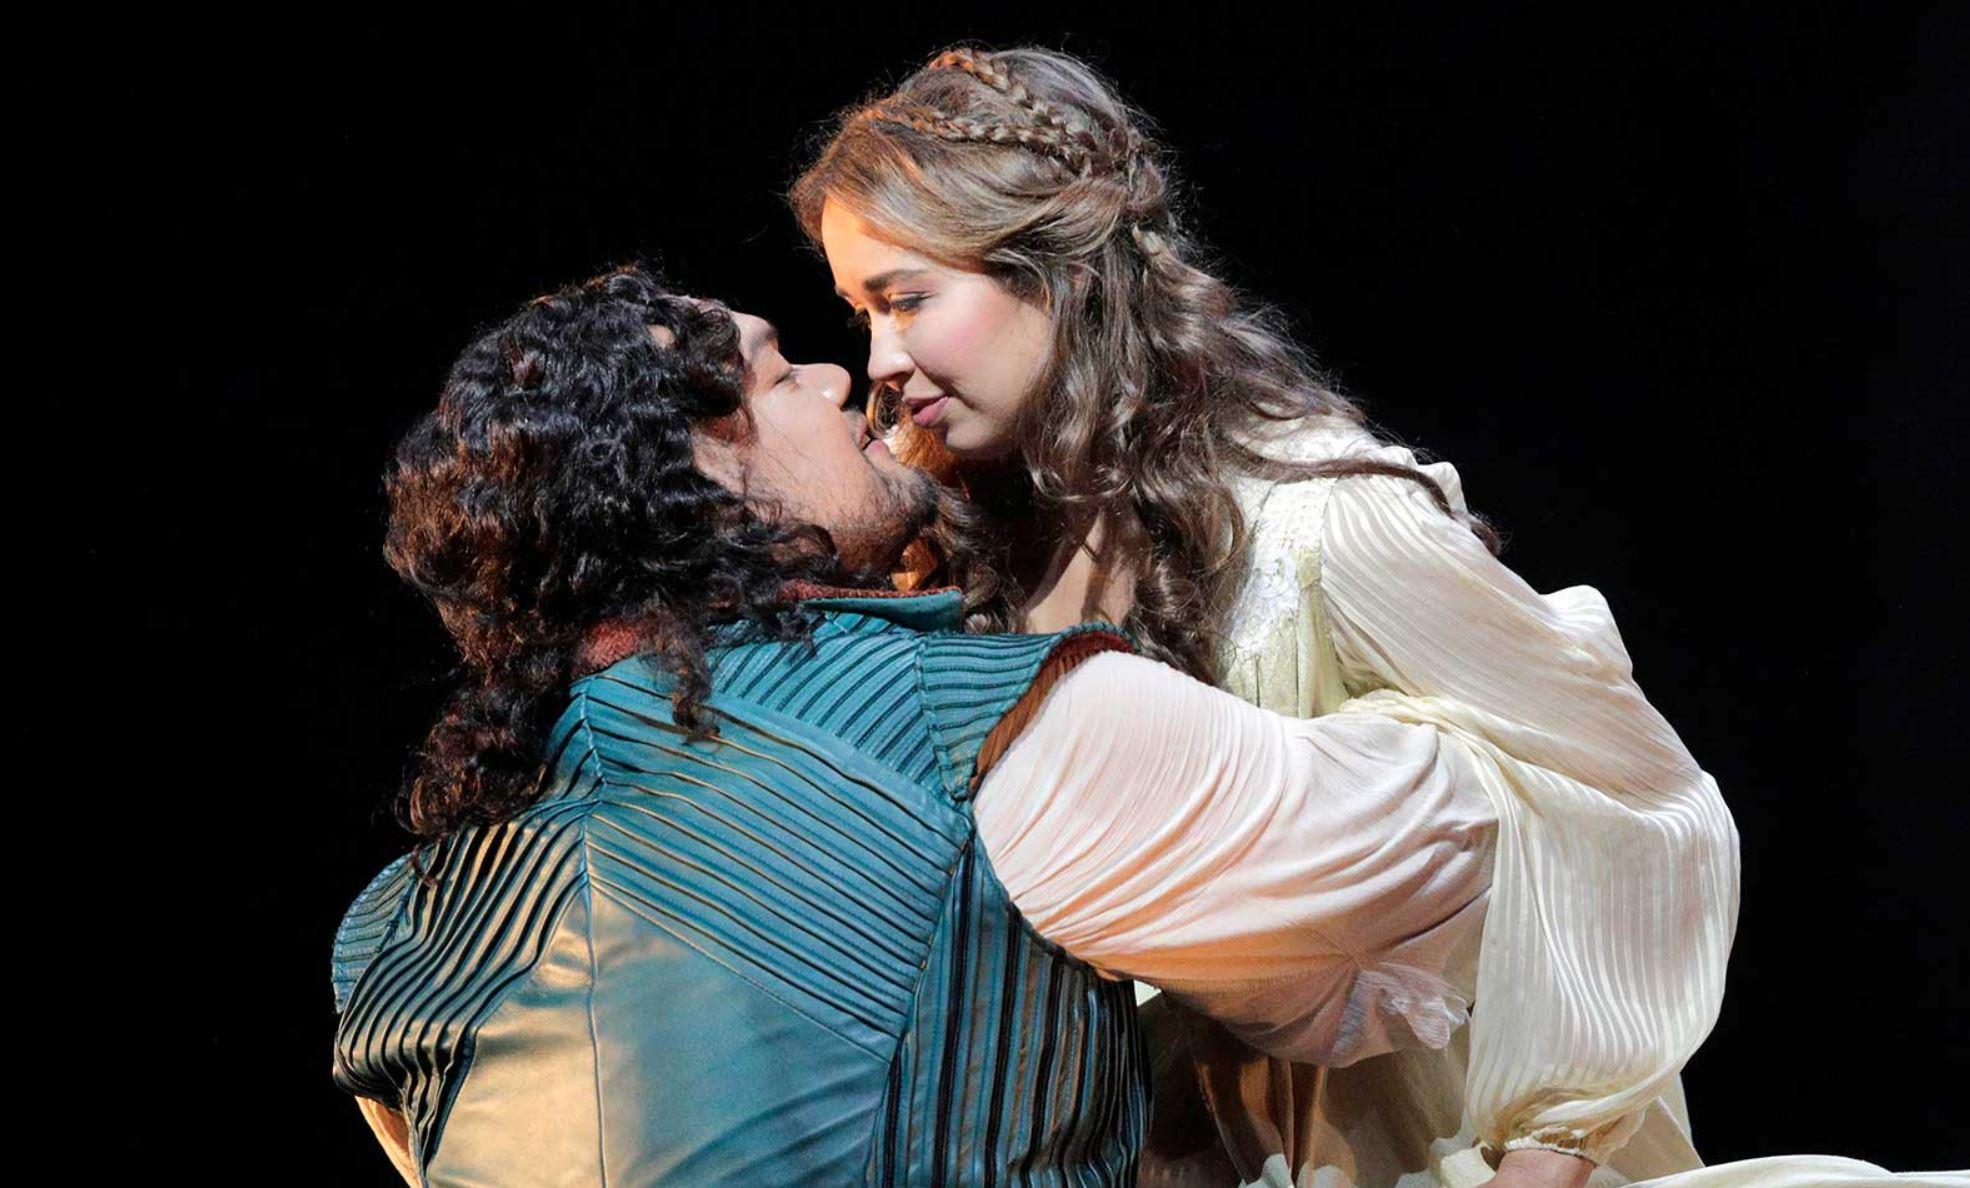 Romeo & Juliette opera Gounod